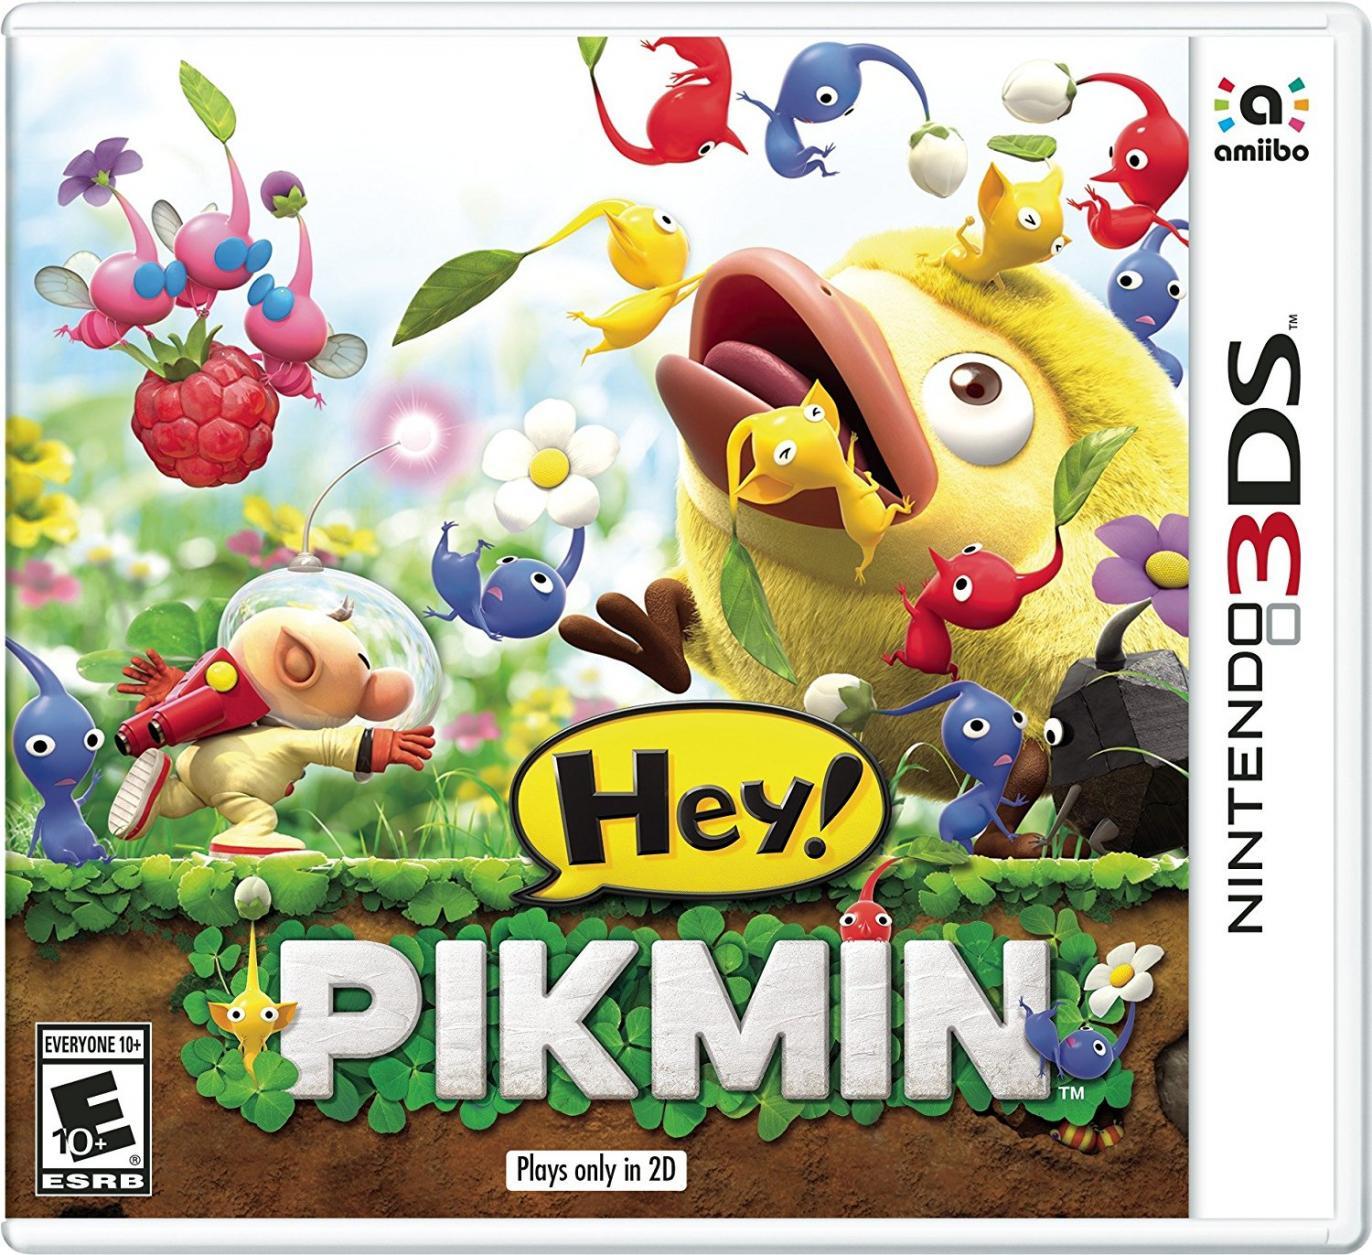 Hey! Pikmin.